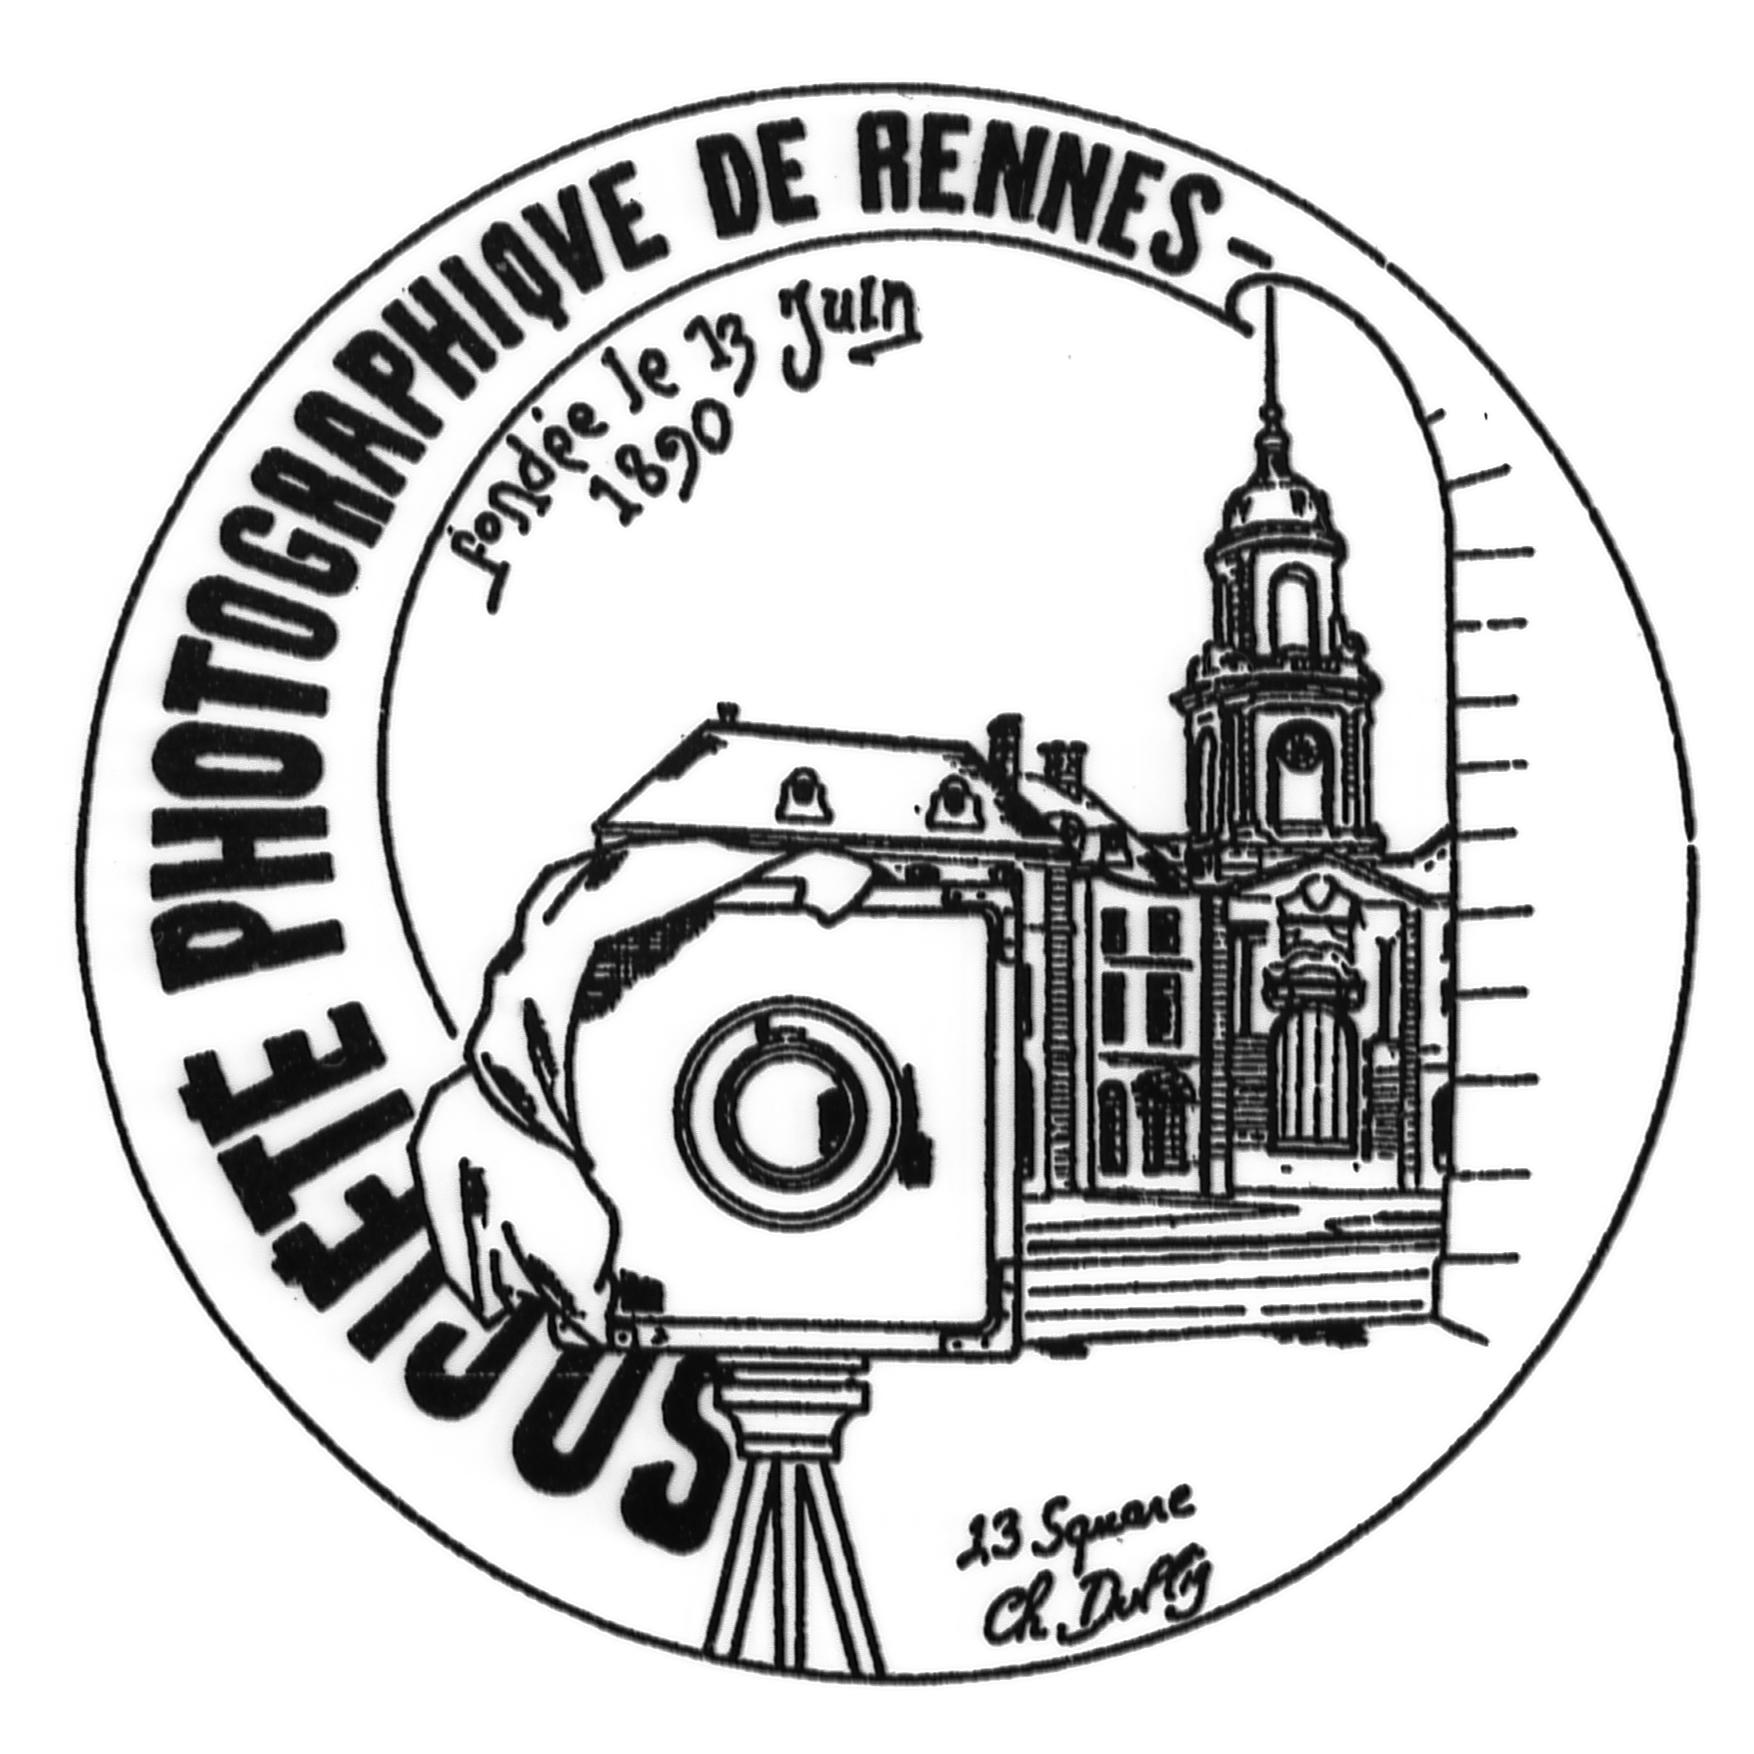 Société Photographique de Rennes